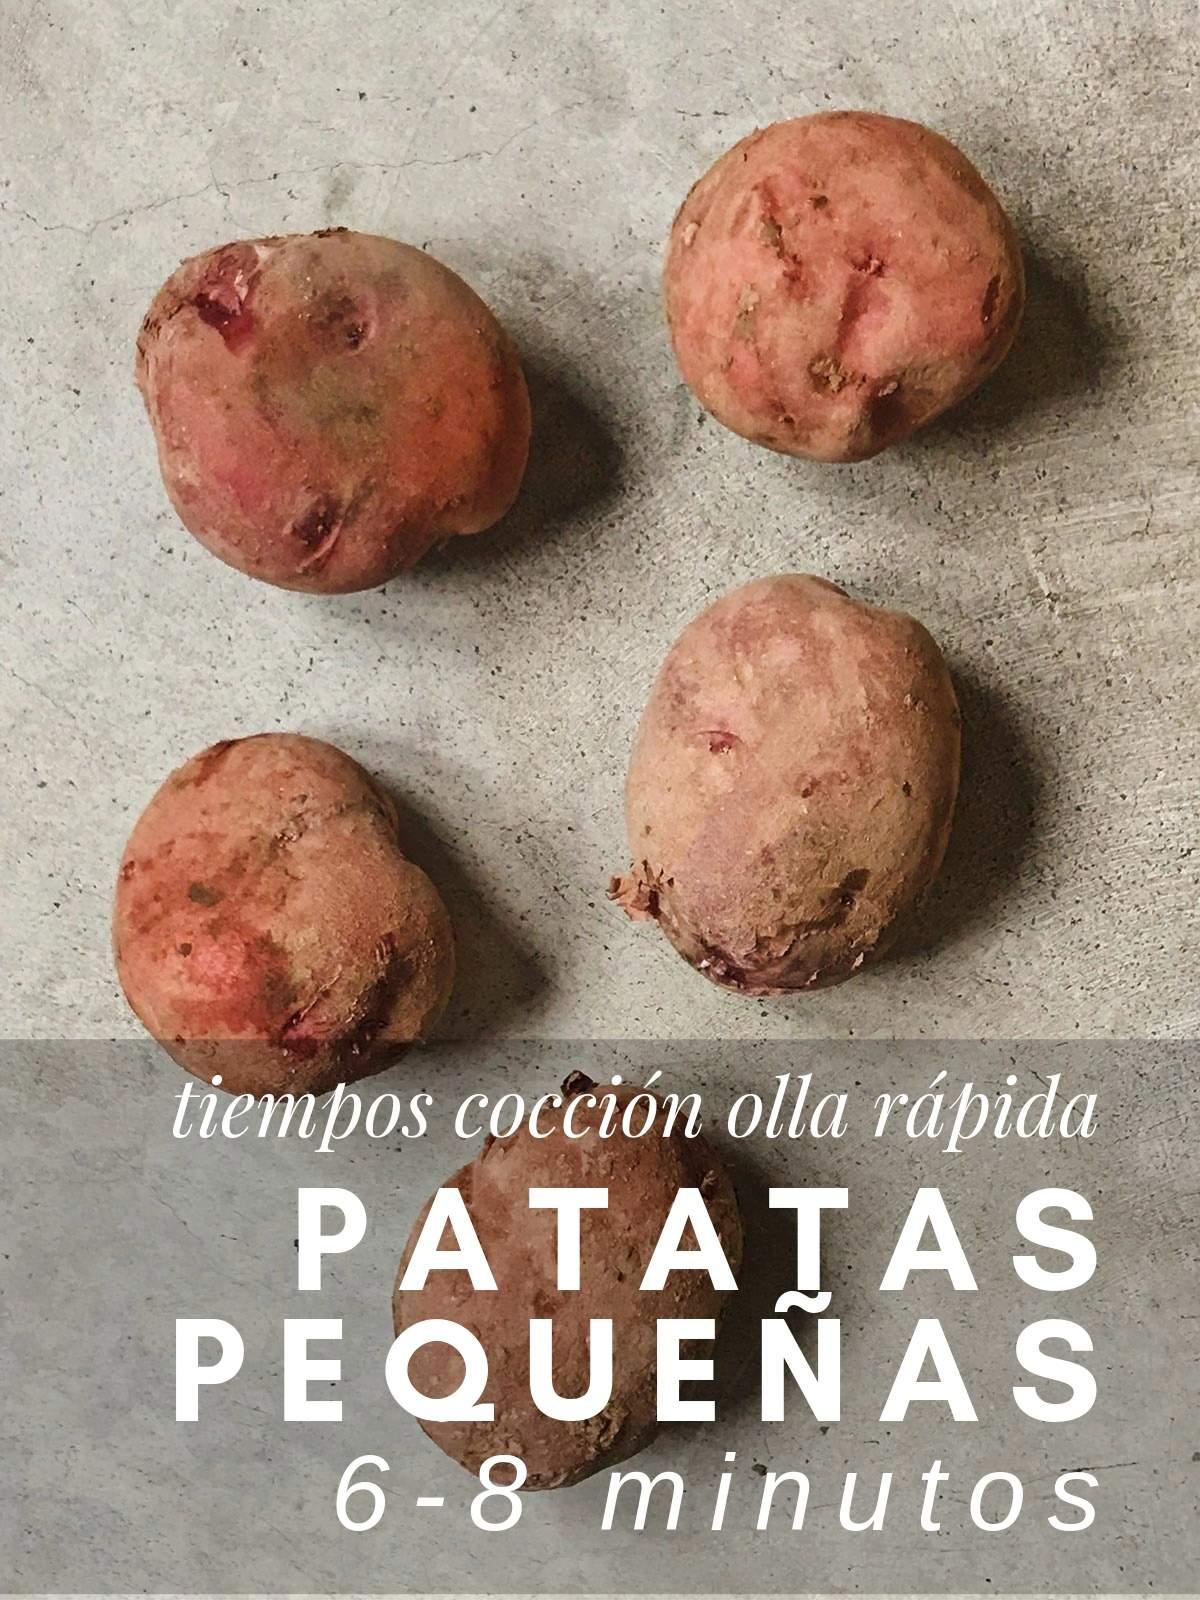 ¿Cuanto tardan las patatas pequeñas en cocer en olla rápida?